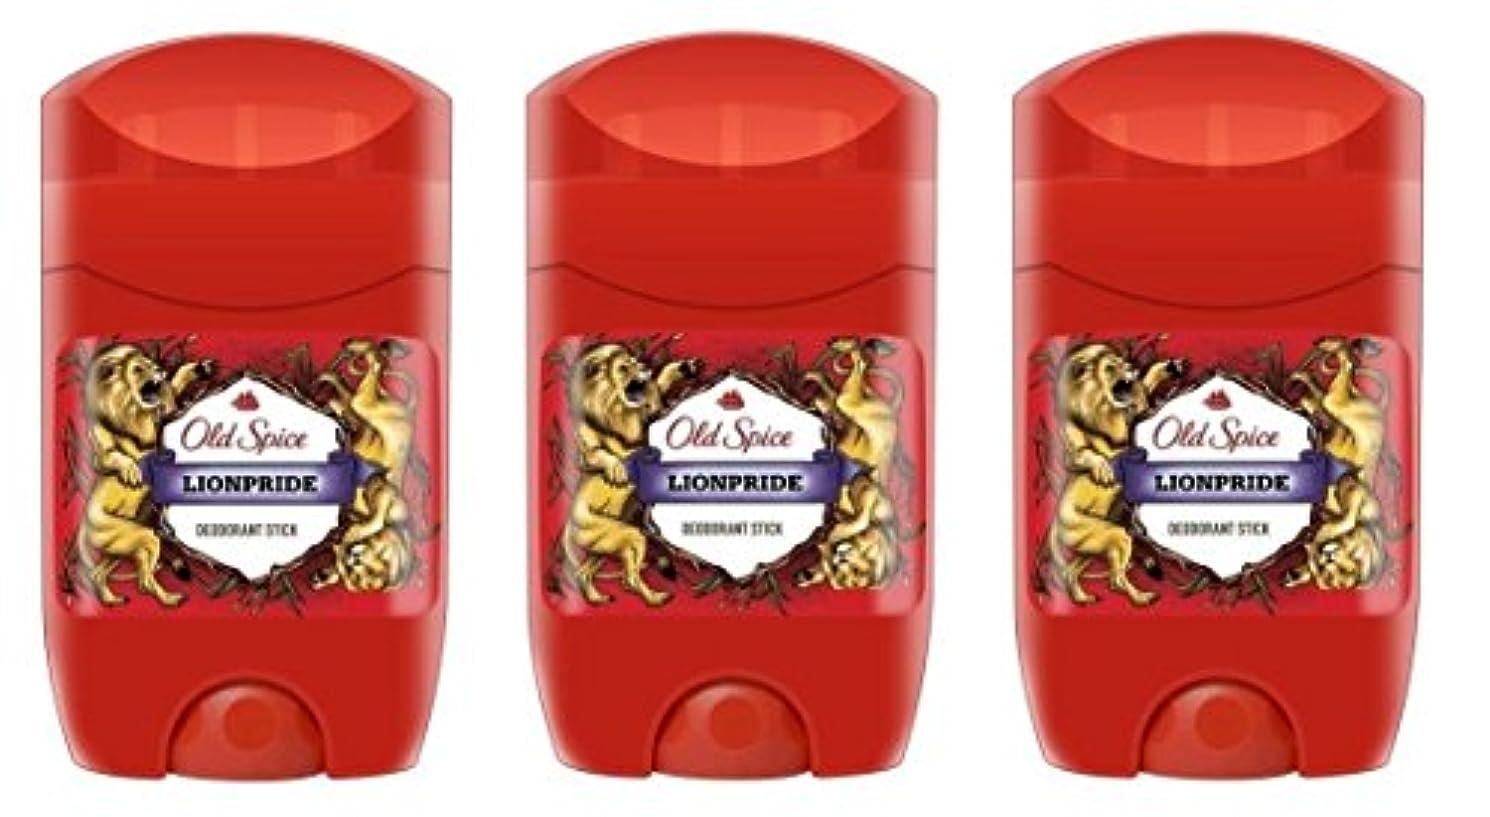 俳句出撃者大惨事(Pack of 3) Old Spice Lionpride Deodorant Solid Stick for Men 3x50ml - (3パック) オールドスパイスライオンプライドデオドラントソリッドスティックメンズ...